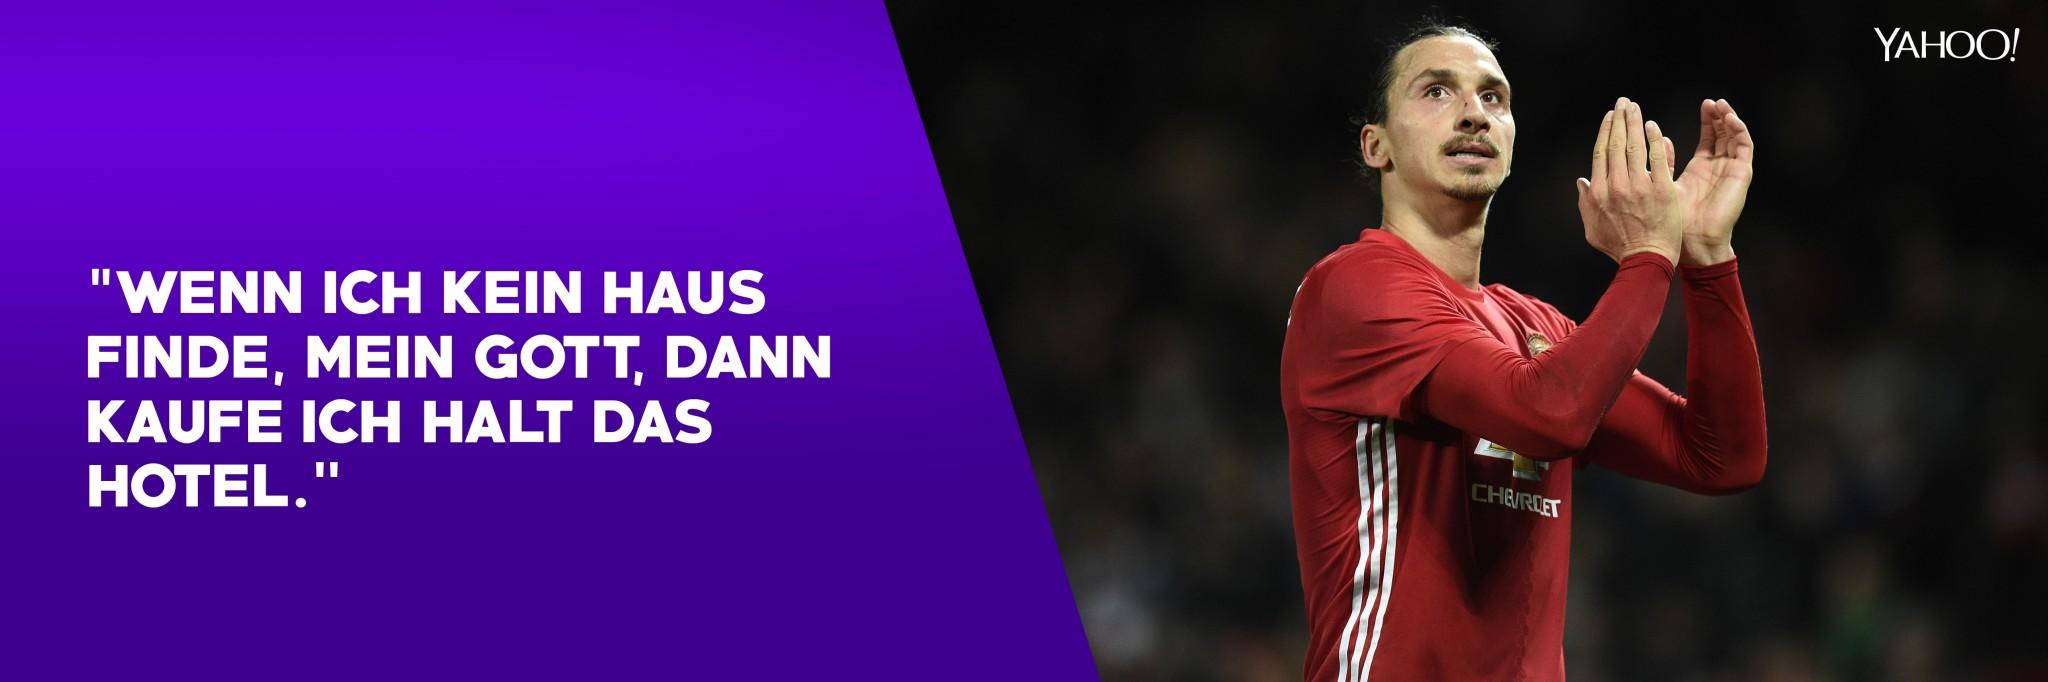 sprüche ibrahimovic Die besten Sprüche von Zlatan Ibrahimovic sprüche ibrahimovic